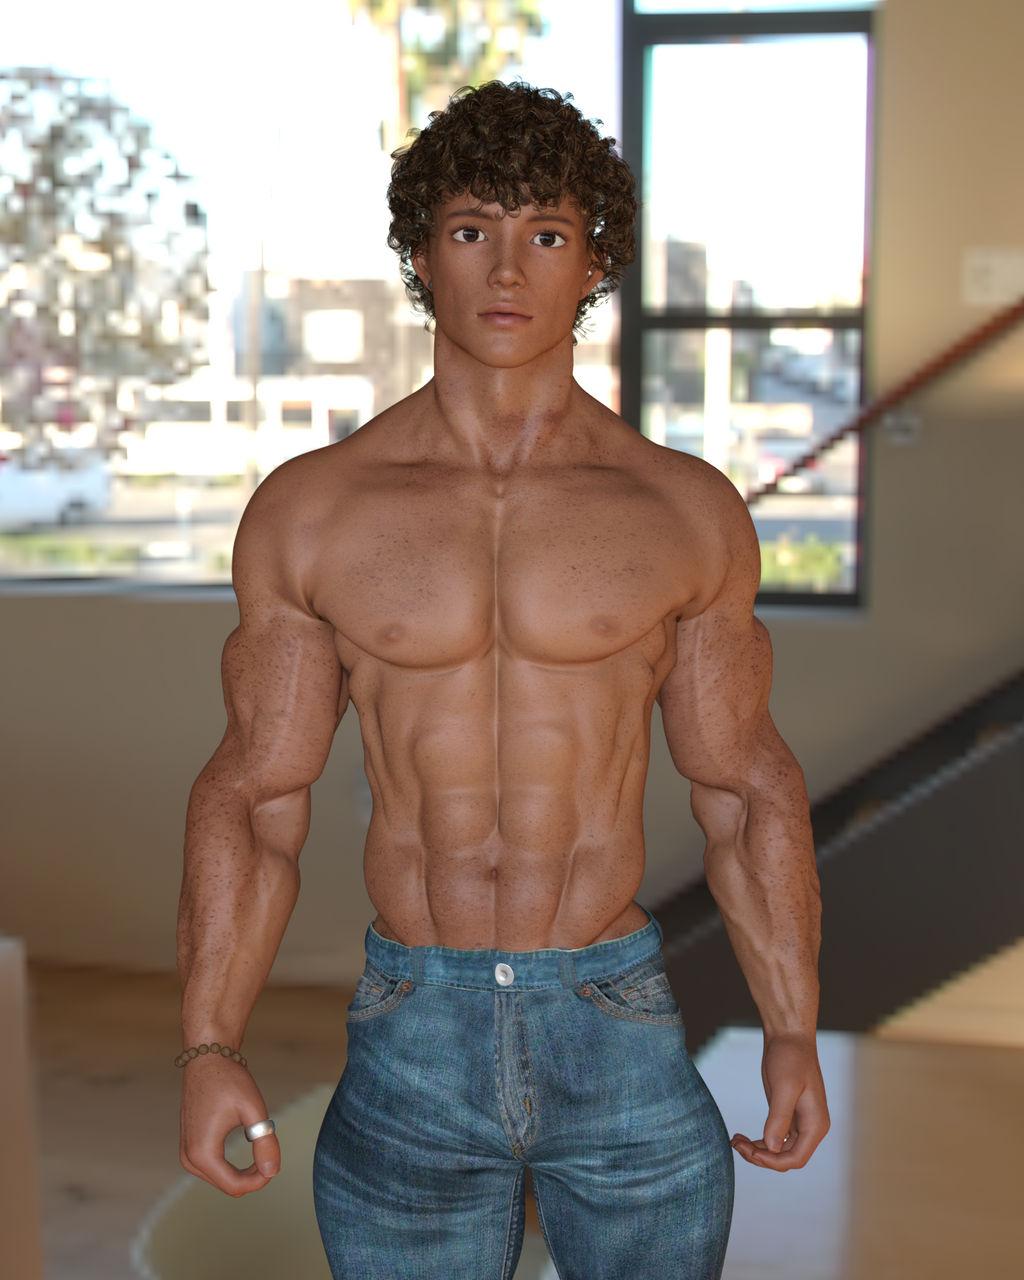 448 Max Teen Bodybuilder 01 By Homoeros On Deviantart